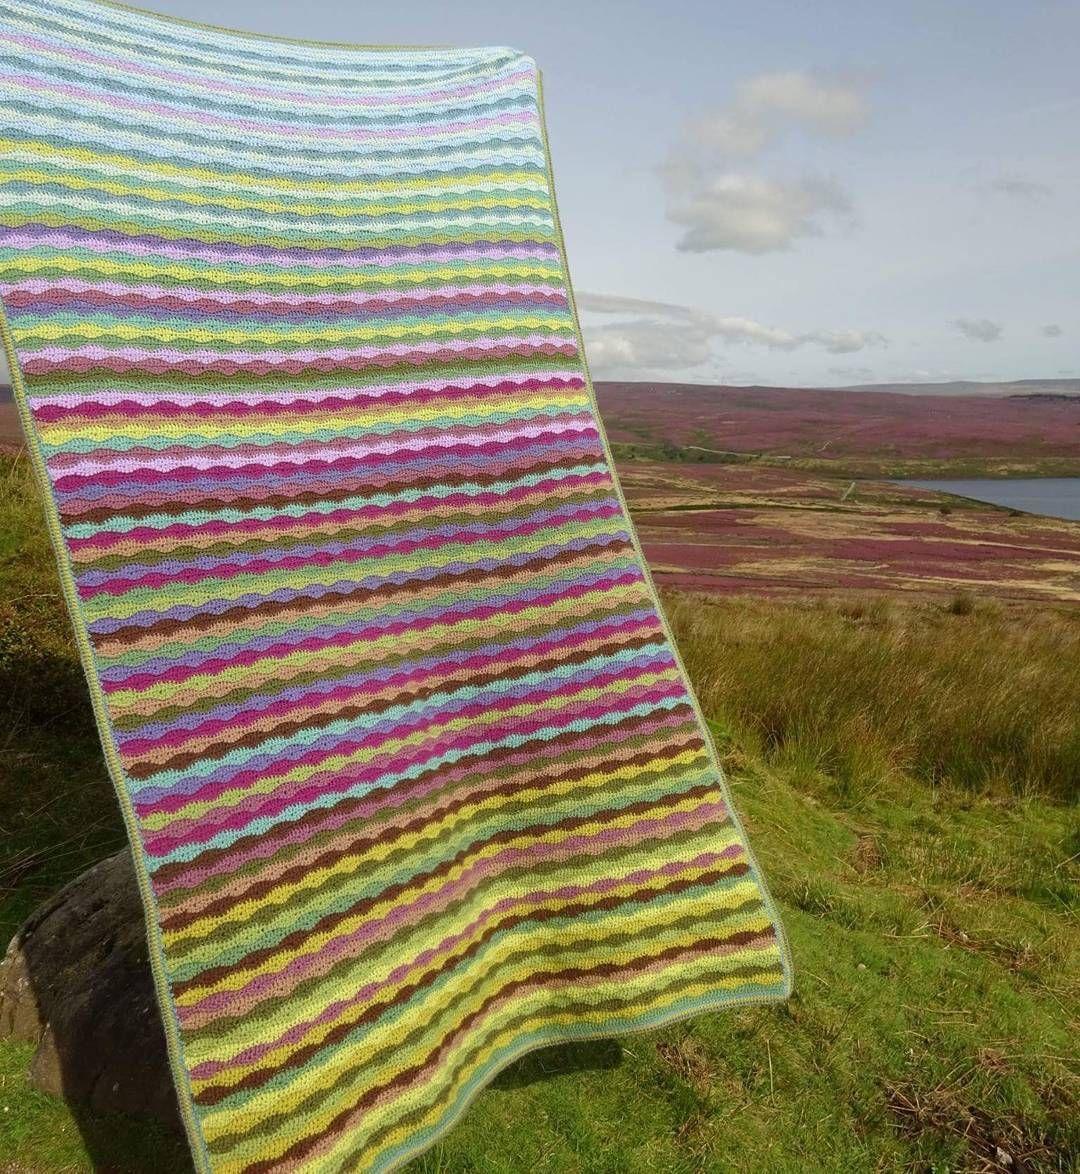 6 300 Vind Ik Leuks 250 Reacties Lucy Attic24 Attic24 Op Instagram I Took My Moorland Blanket Up Crochet Square Blanket Crochet Blanket Afghan Blanket